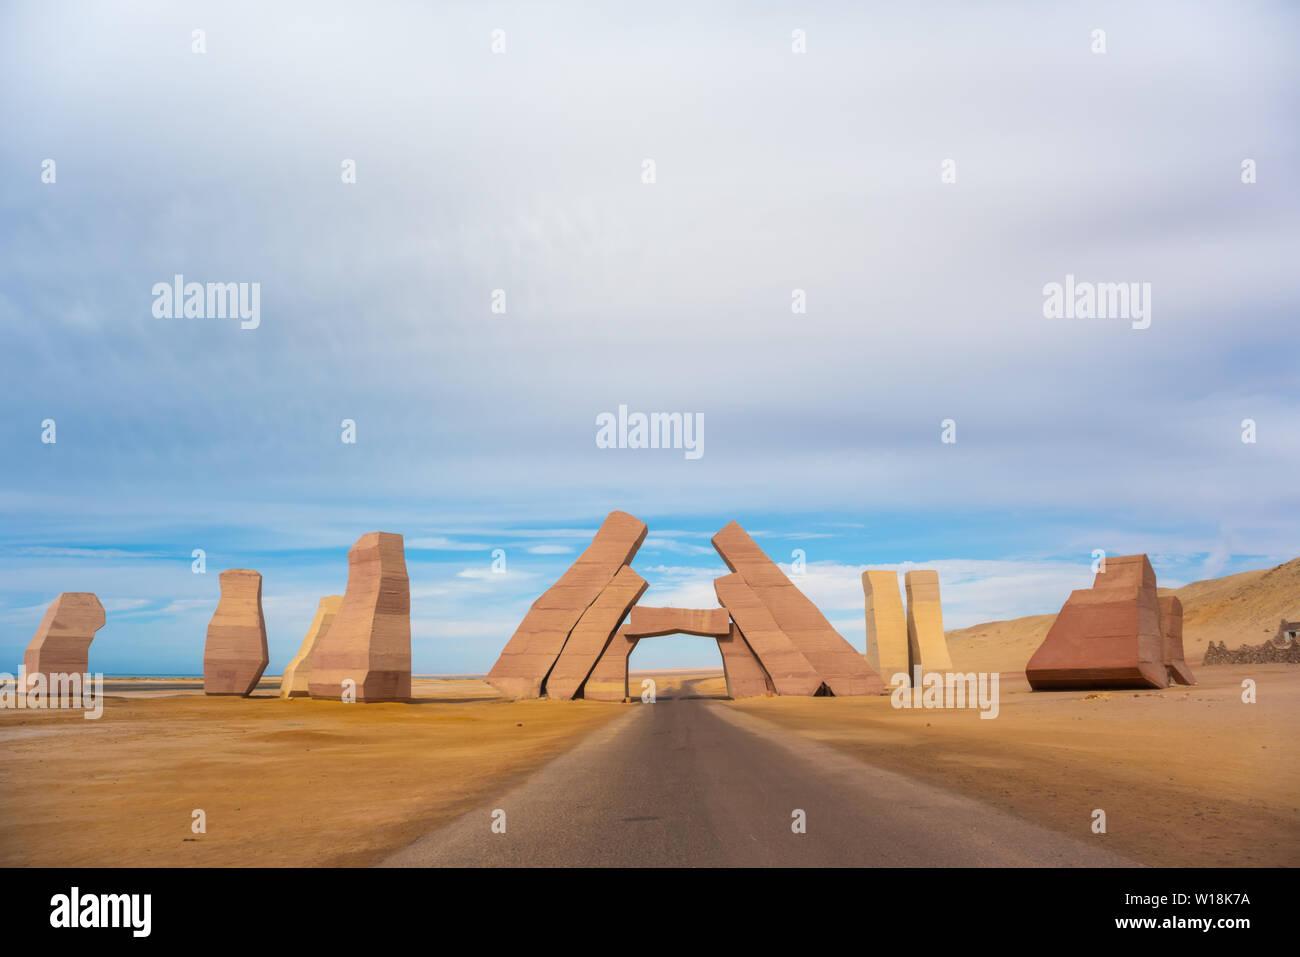 Entrance in the national park Ras Mohammed, Sinai, Egypt - Stock Image